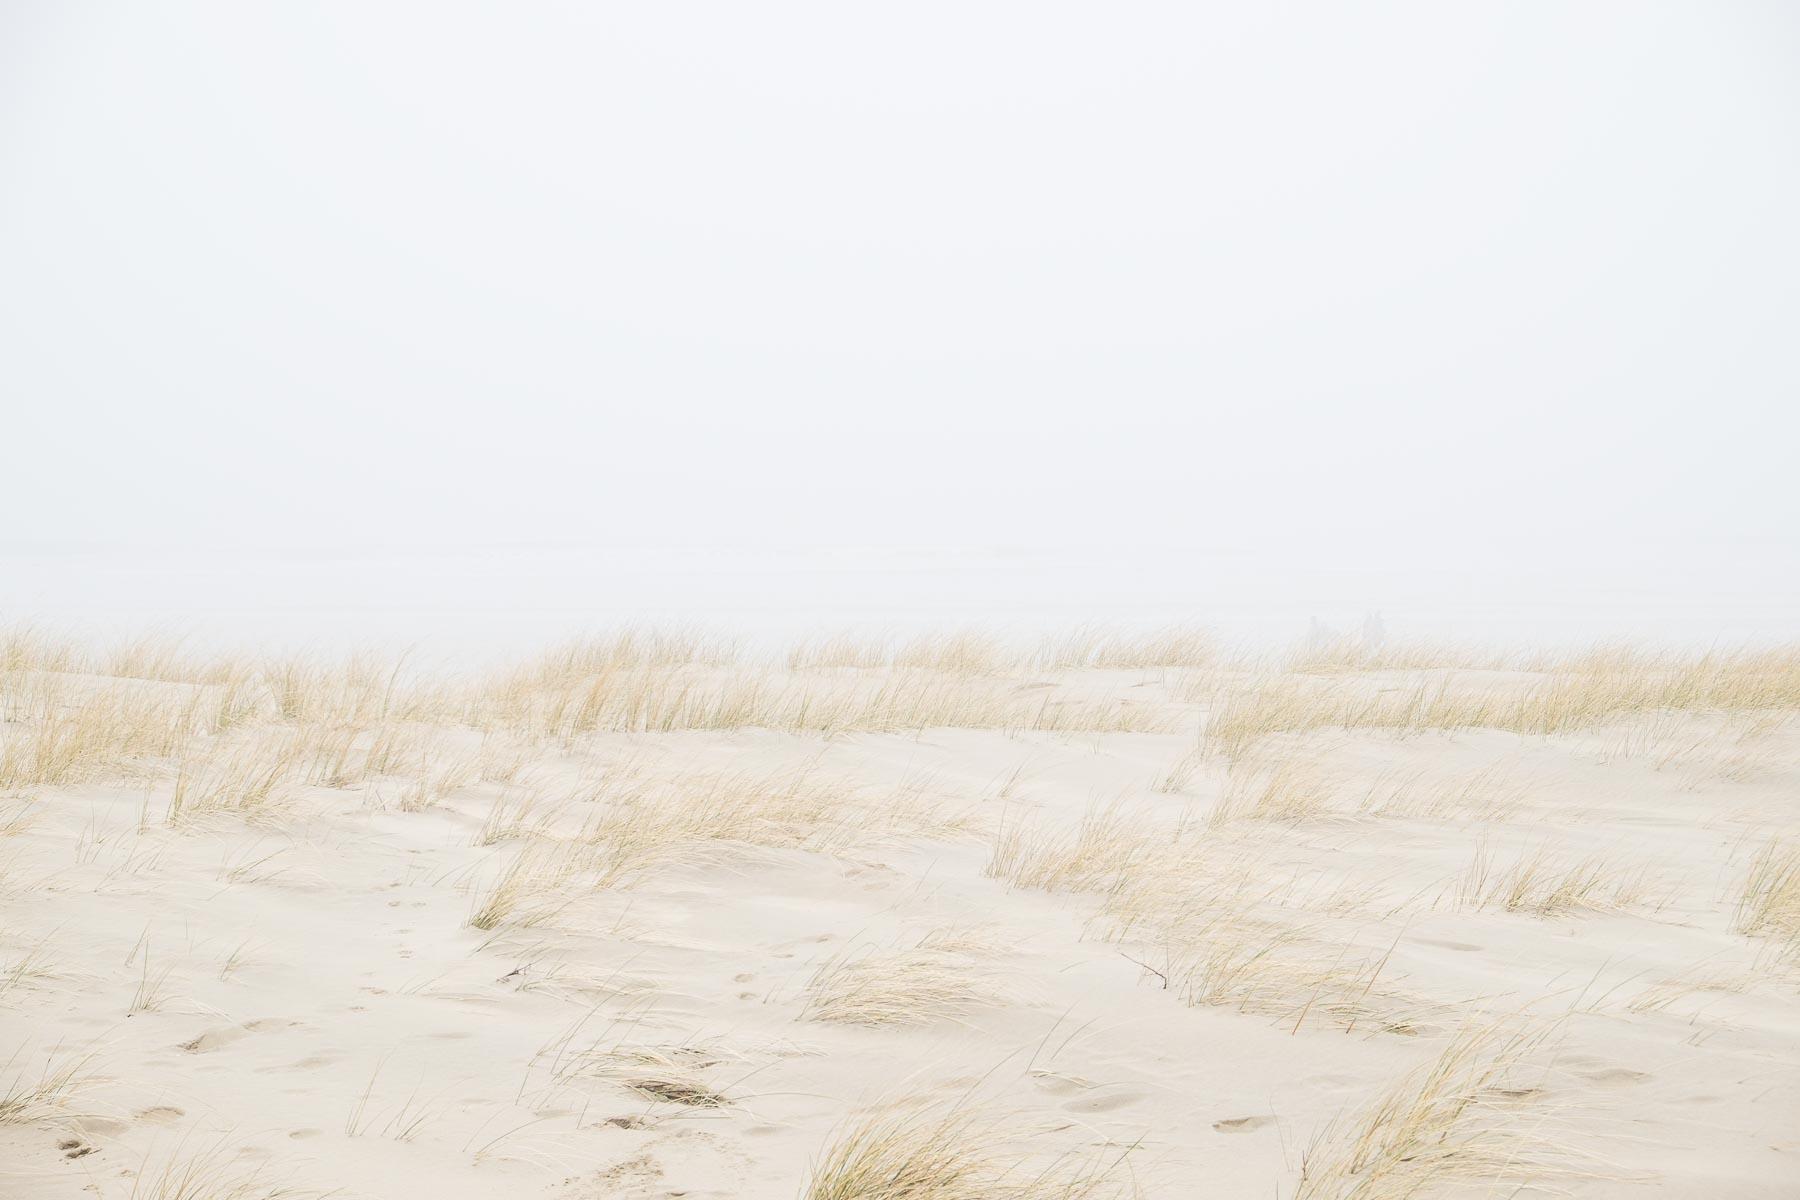 16.02.2015 - Nebel in Egmond aan Zee - Niederlande